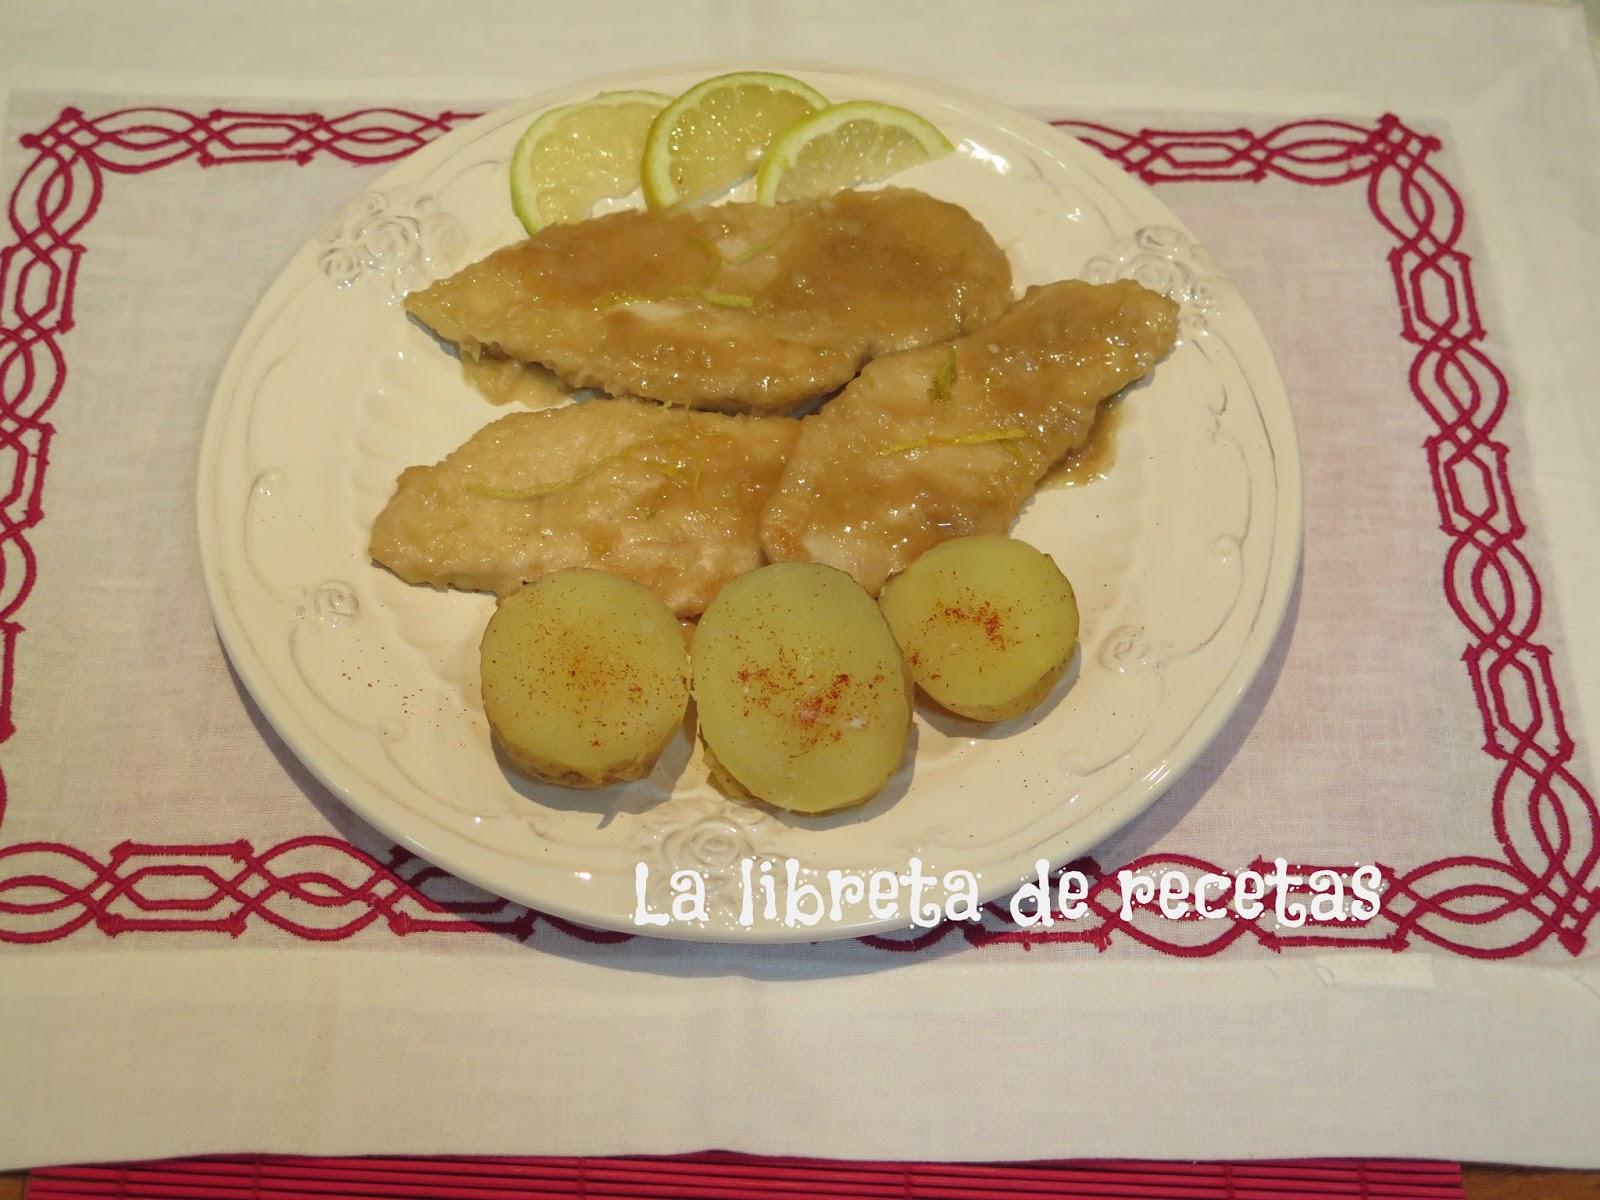 La libreta de recetas pechugas al lim n de arevalo - Pechugas al limon ...